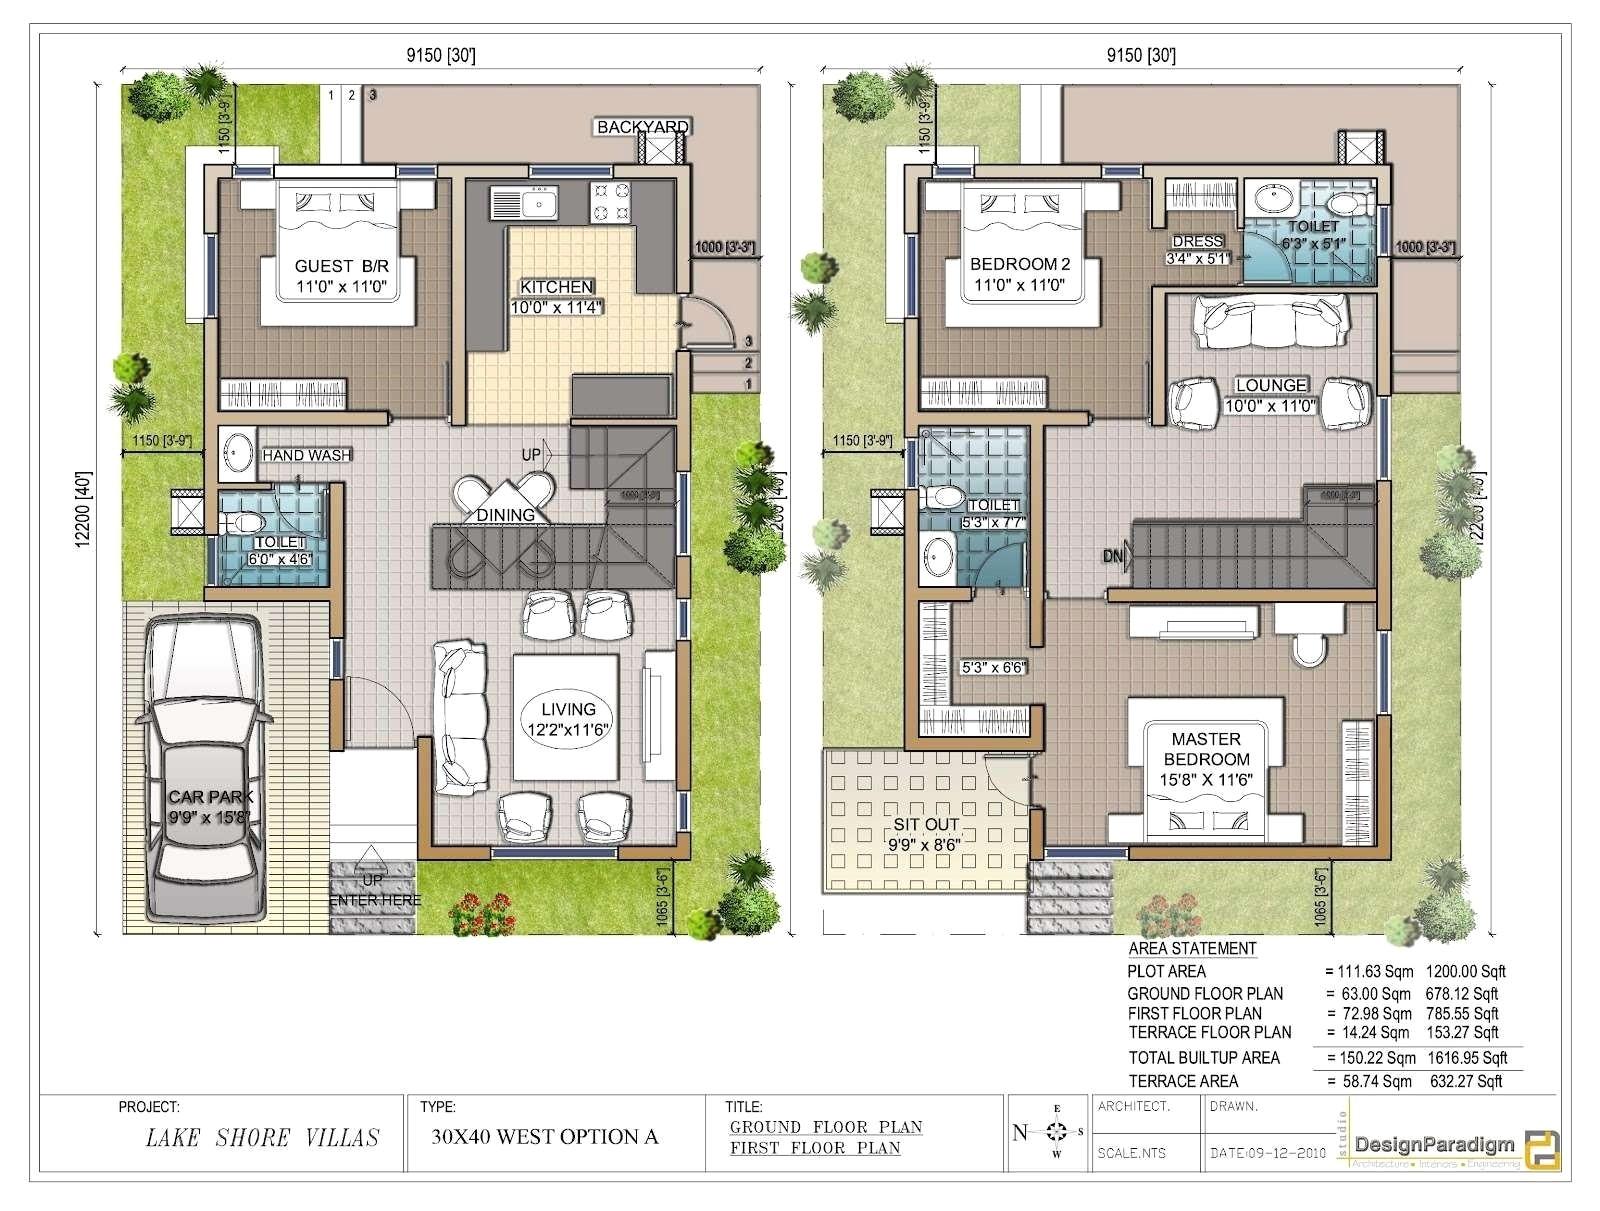 30 x 30 house plans 20 x 40 house plans luxury 30 30 house plans india unique index wiki